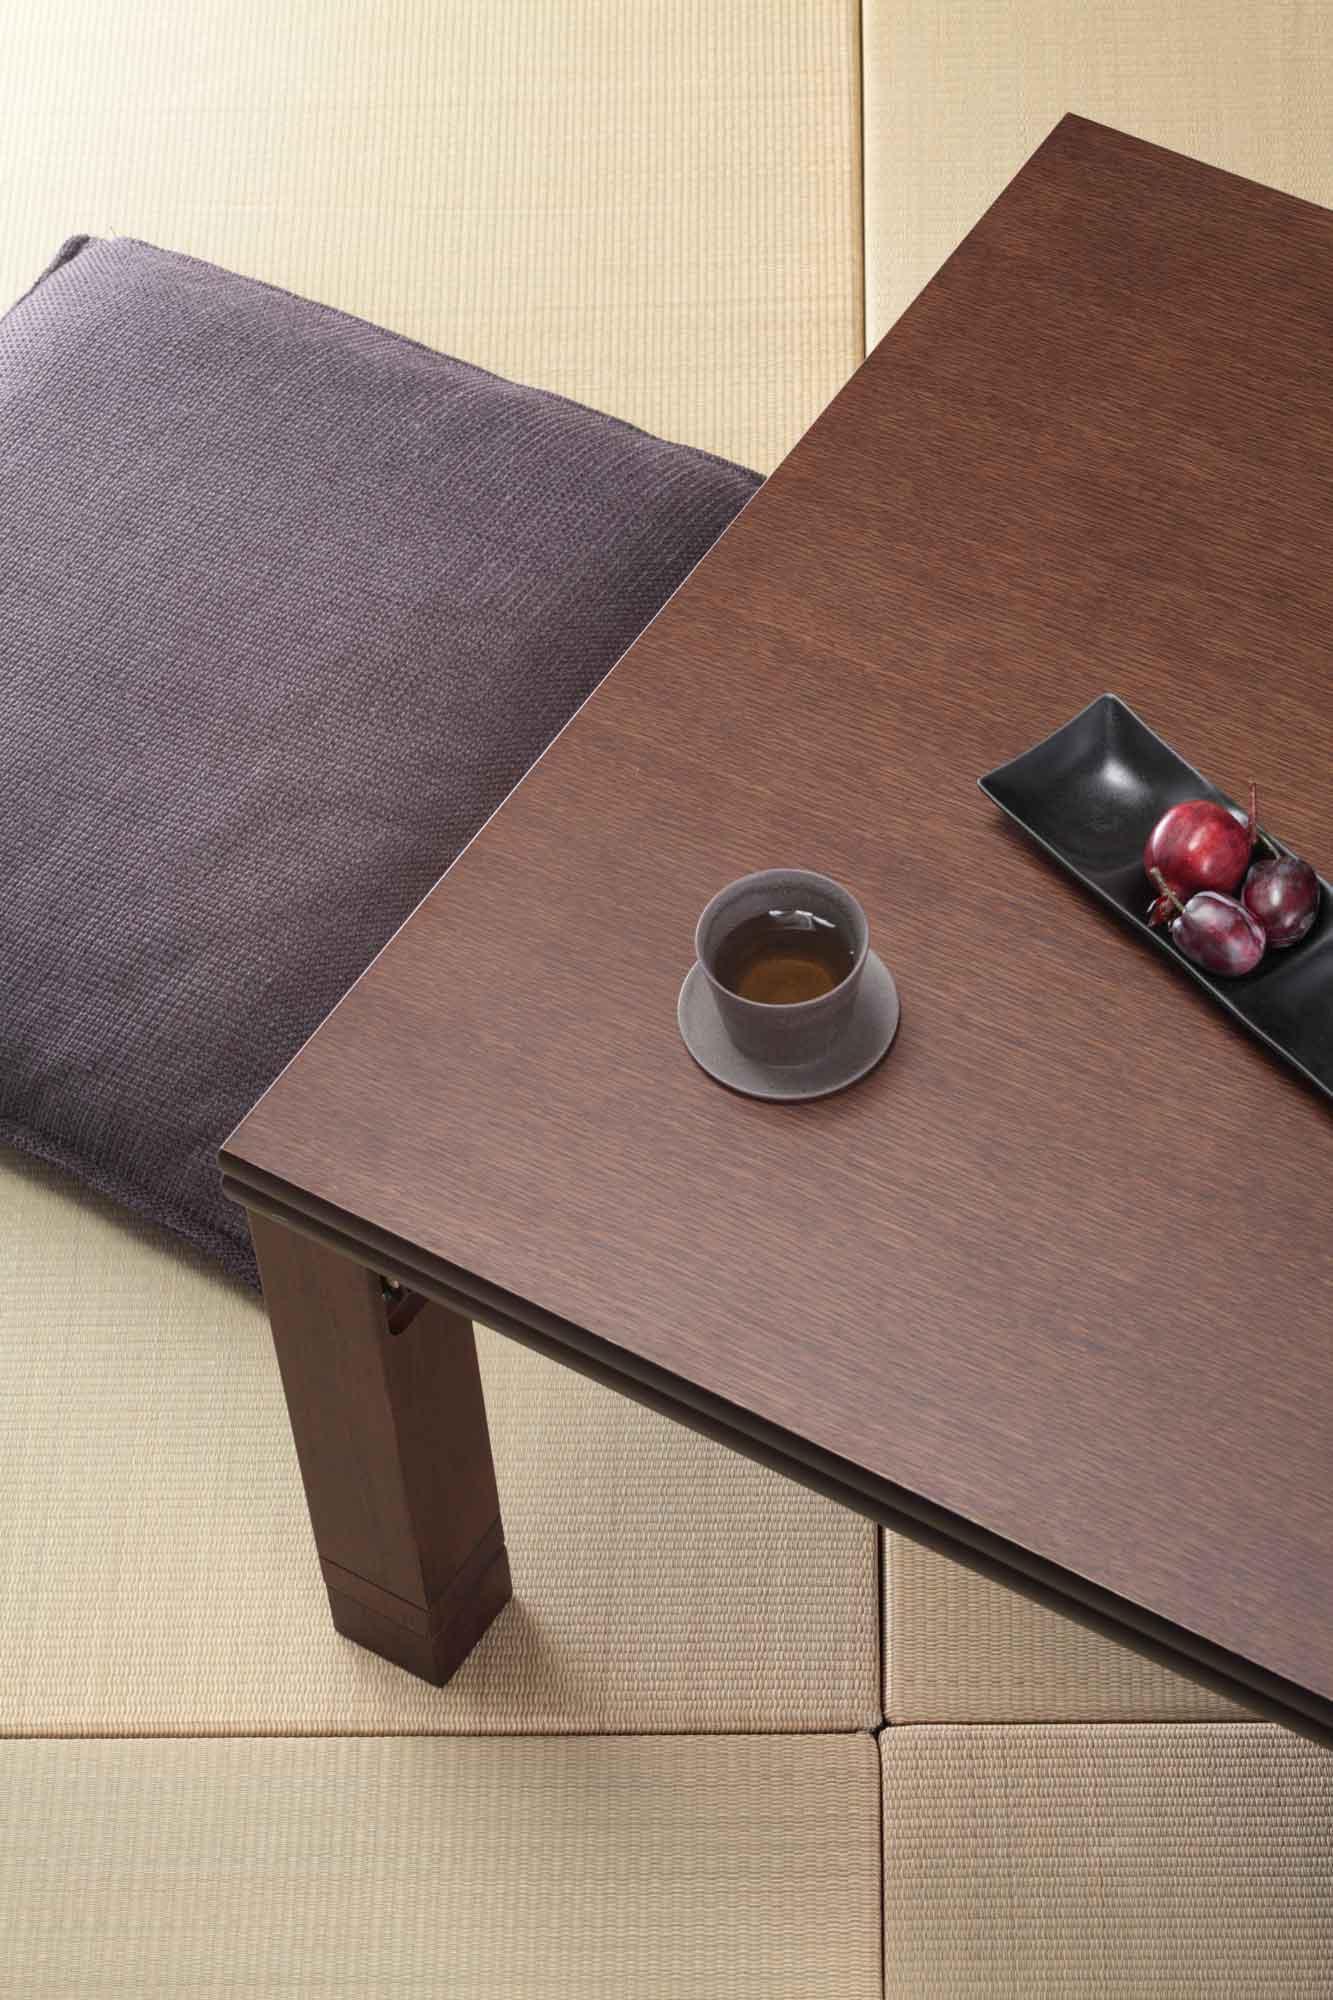 【長方形】120×80cm 4段階高さ調整平面パネルヒーター付きこたつ ダークブラウン色見本